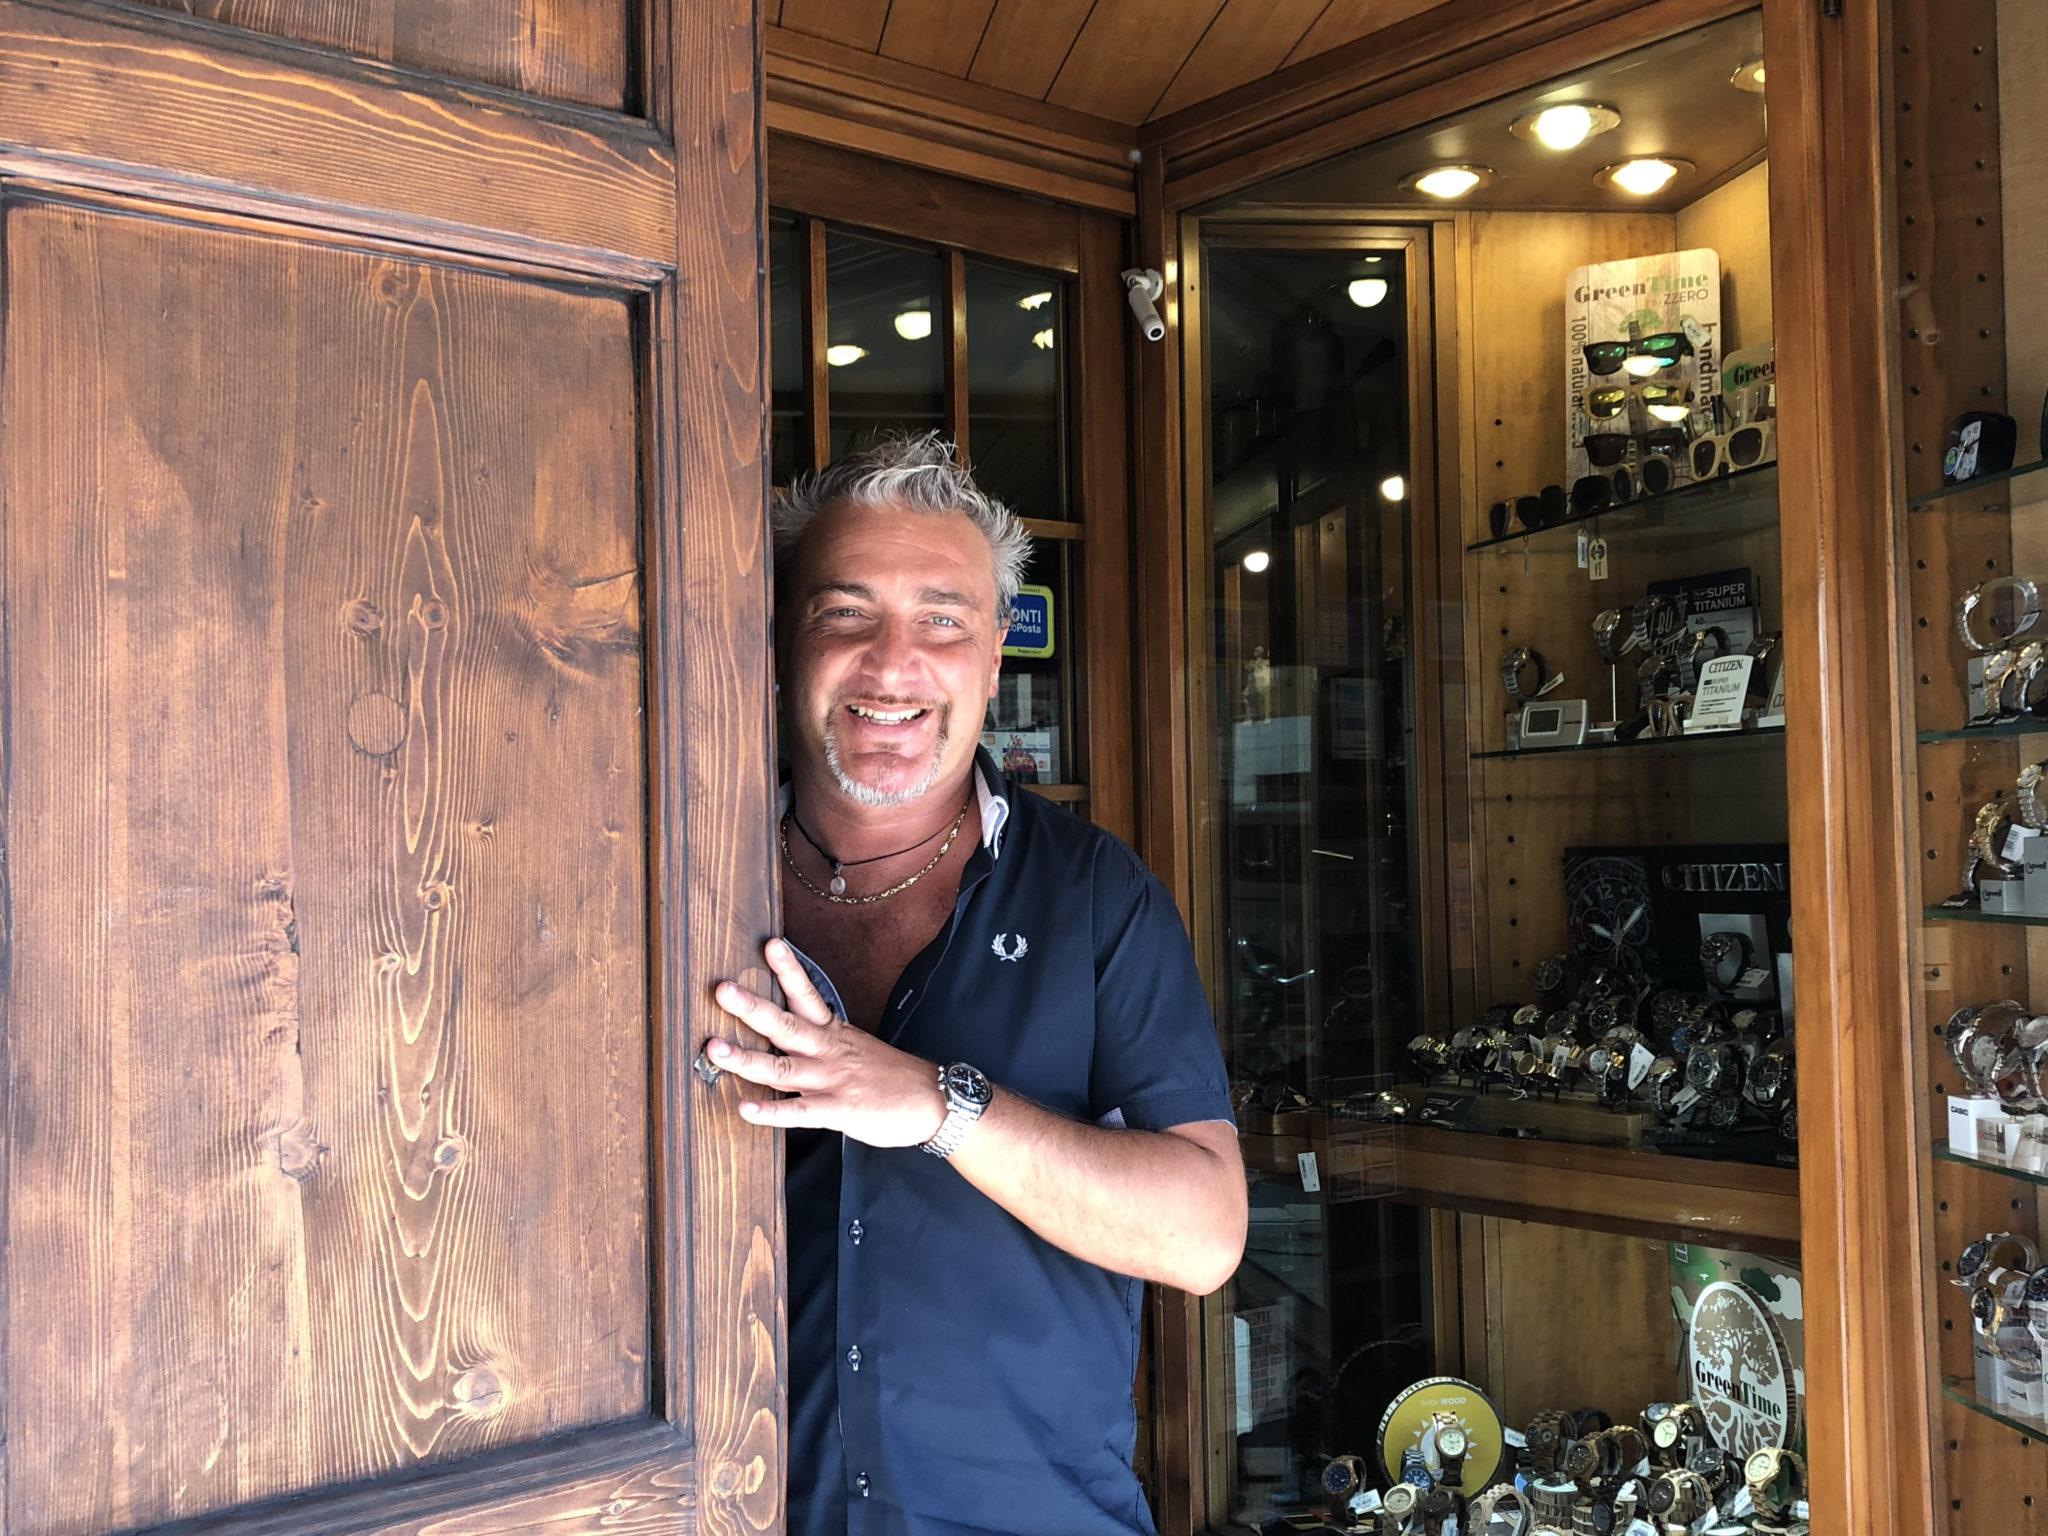 Al di là del fiume c'è Oltretorrente, una Parma antica dove gli orologiai resistono al tempo, le osterie hanno insegne d'epoca e l'arte è autodidatta